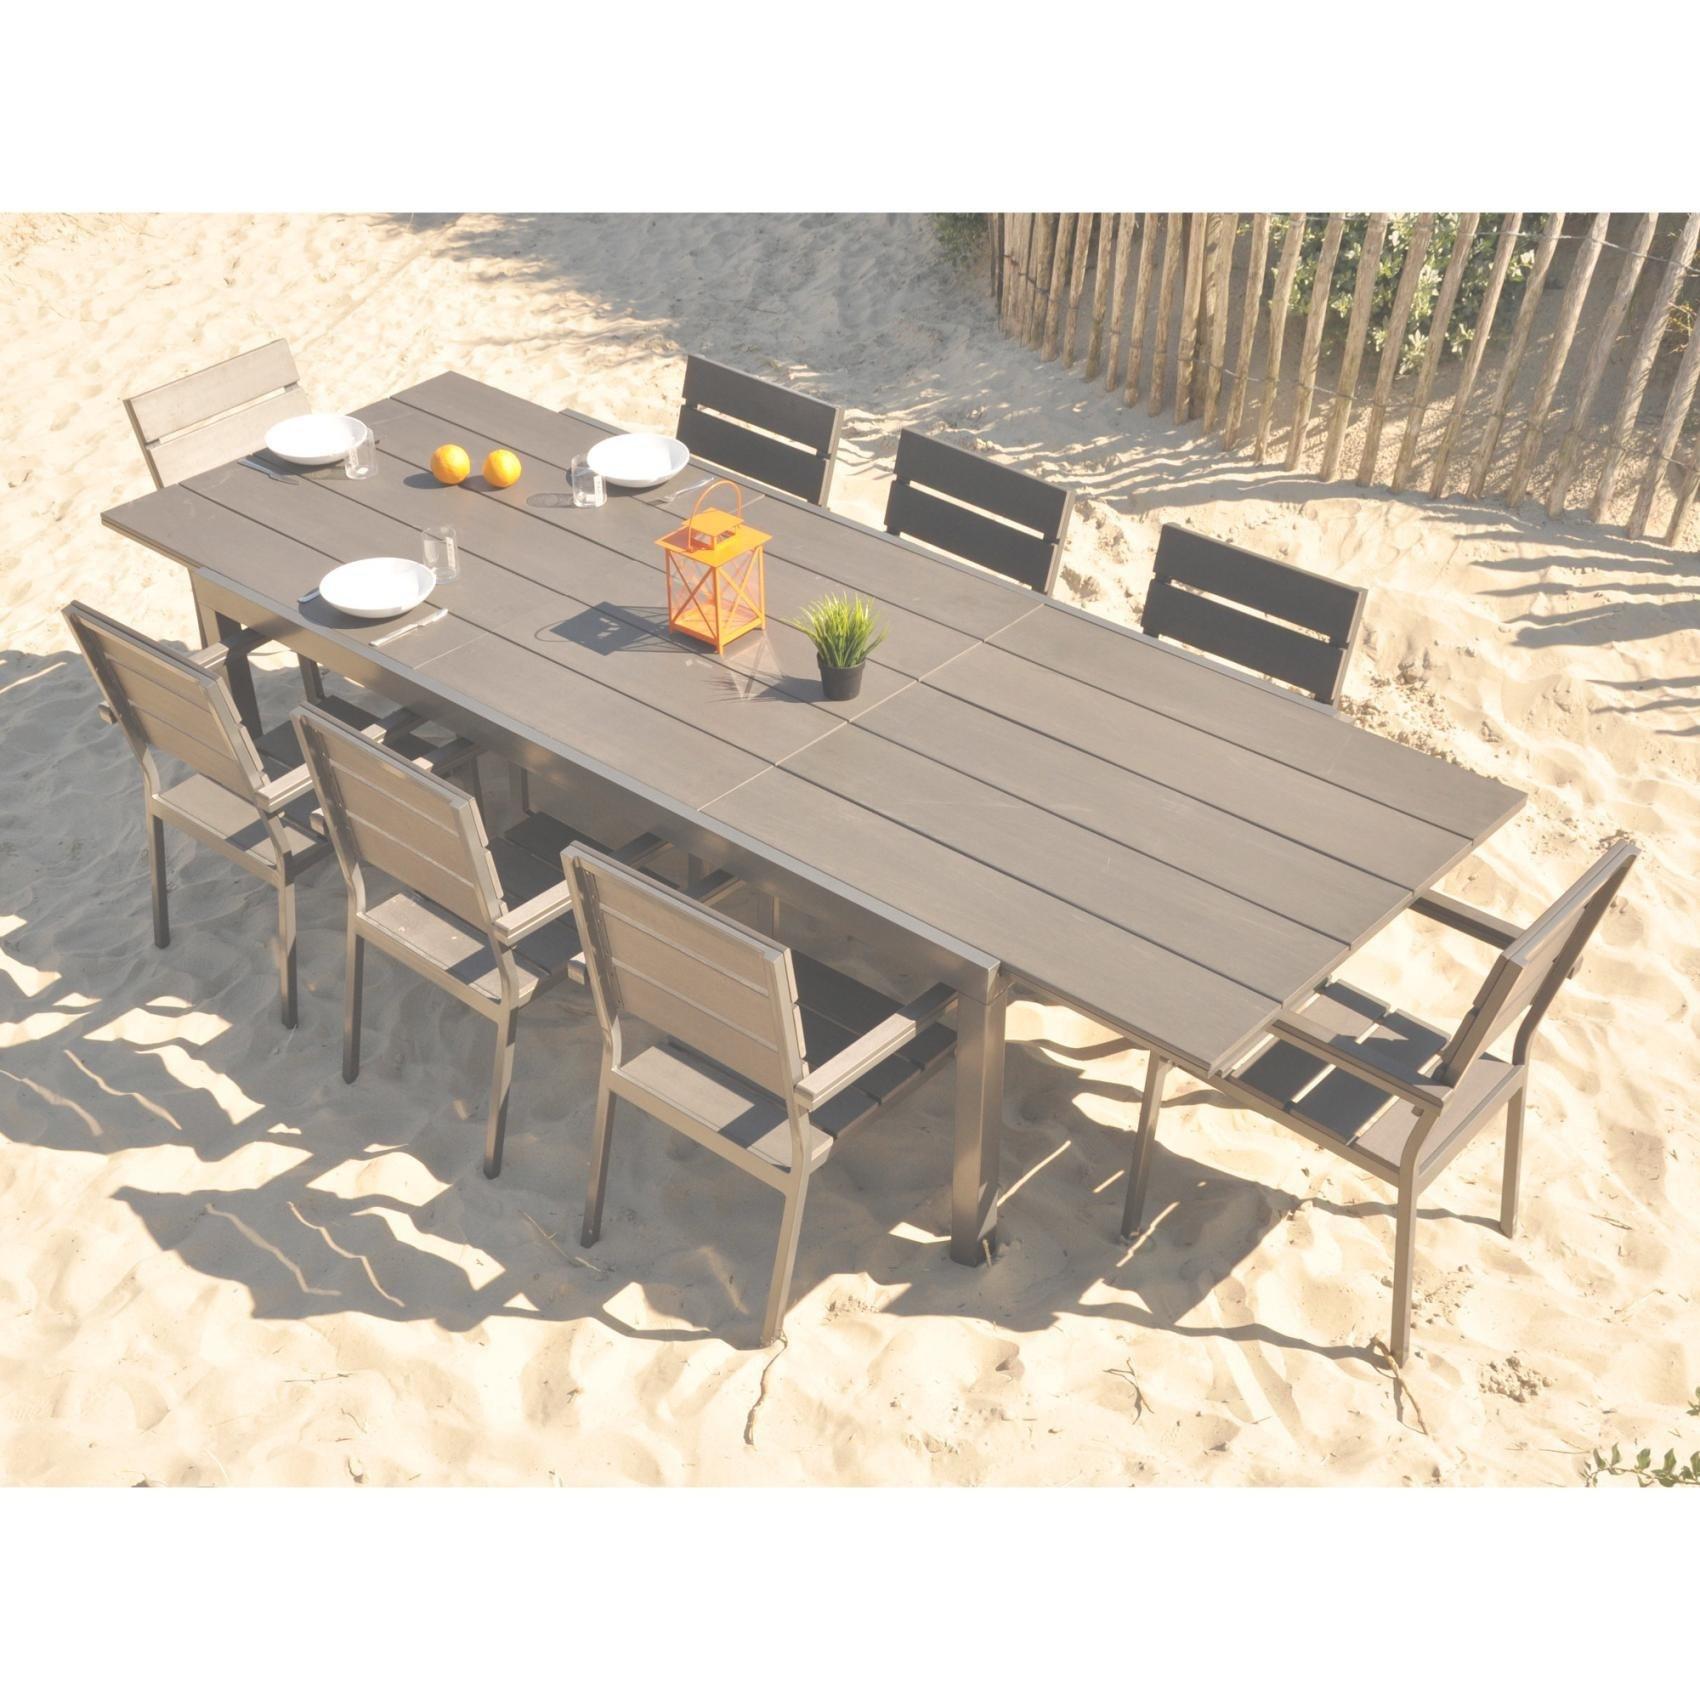 Coffre A Jouet En Bois Ikea Unique Photos Coffre De Jardin Ikea Pour Luxueux Table Jardin Teck Interesting